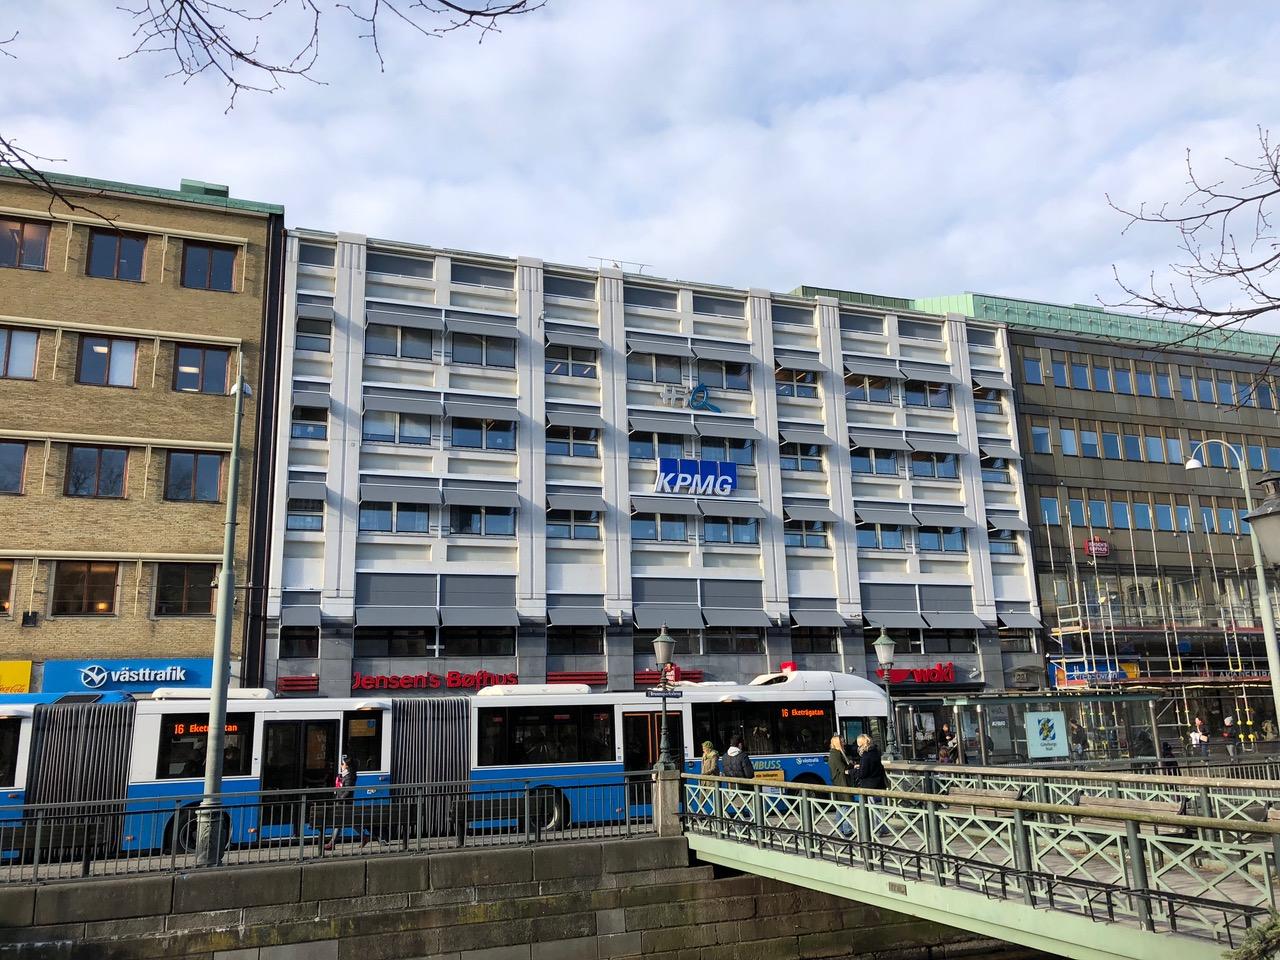 Hus 8 Vasakronan